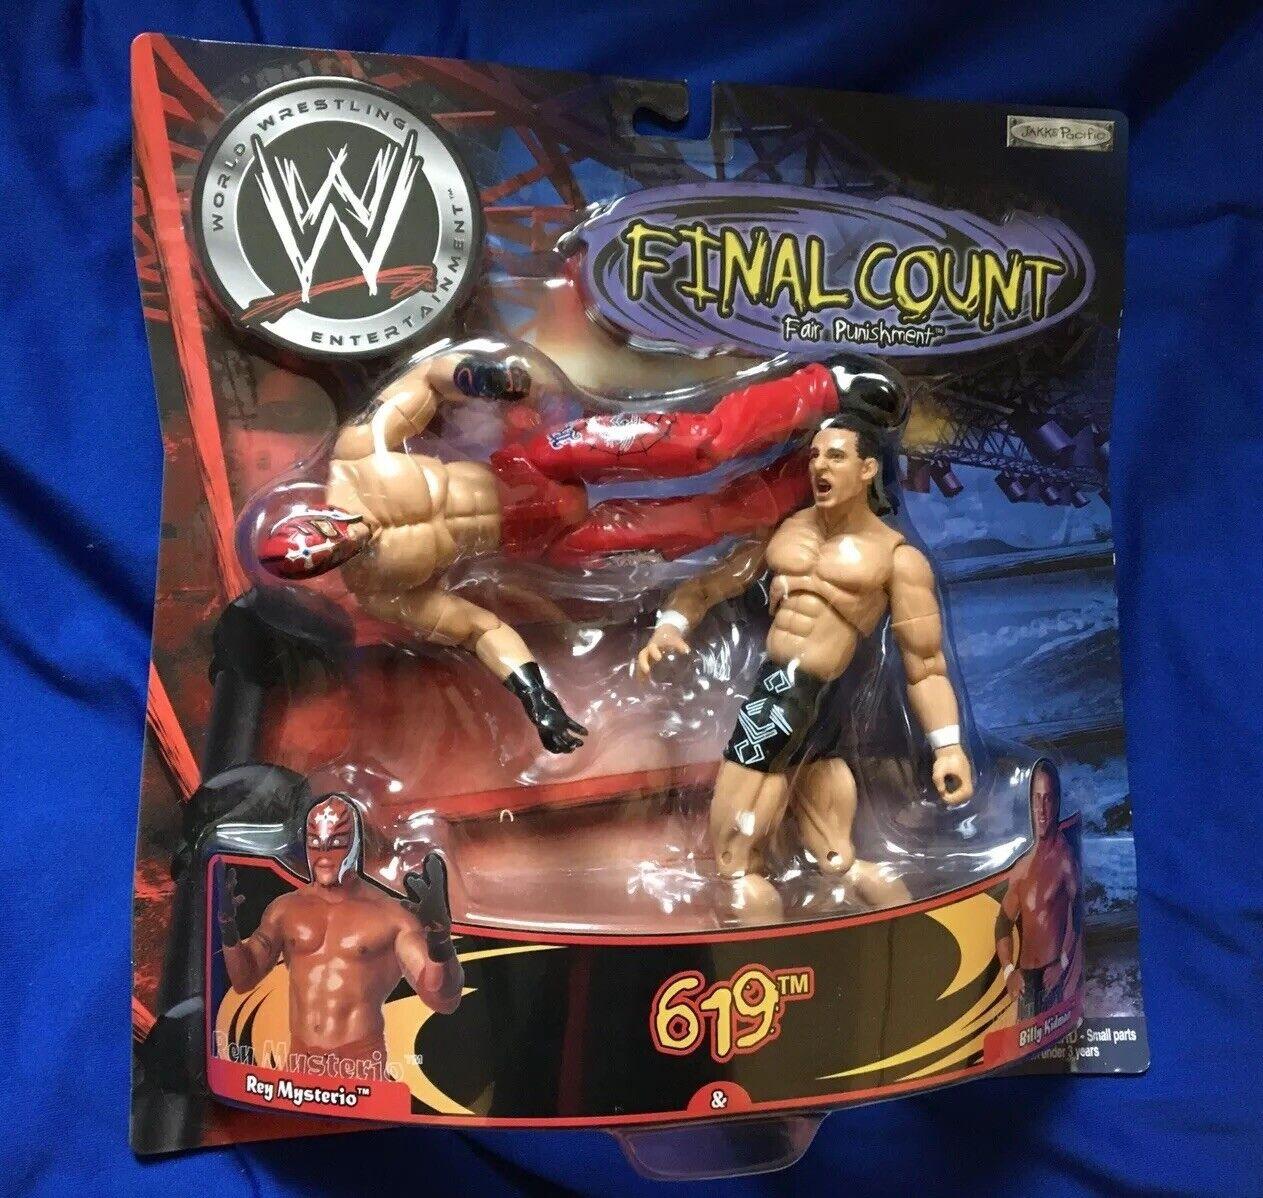 Conteggio finale WWE statuina Rey Mysterio BILLY KIDuomo 619 finitura si muove cifra Wrestling